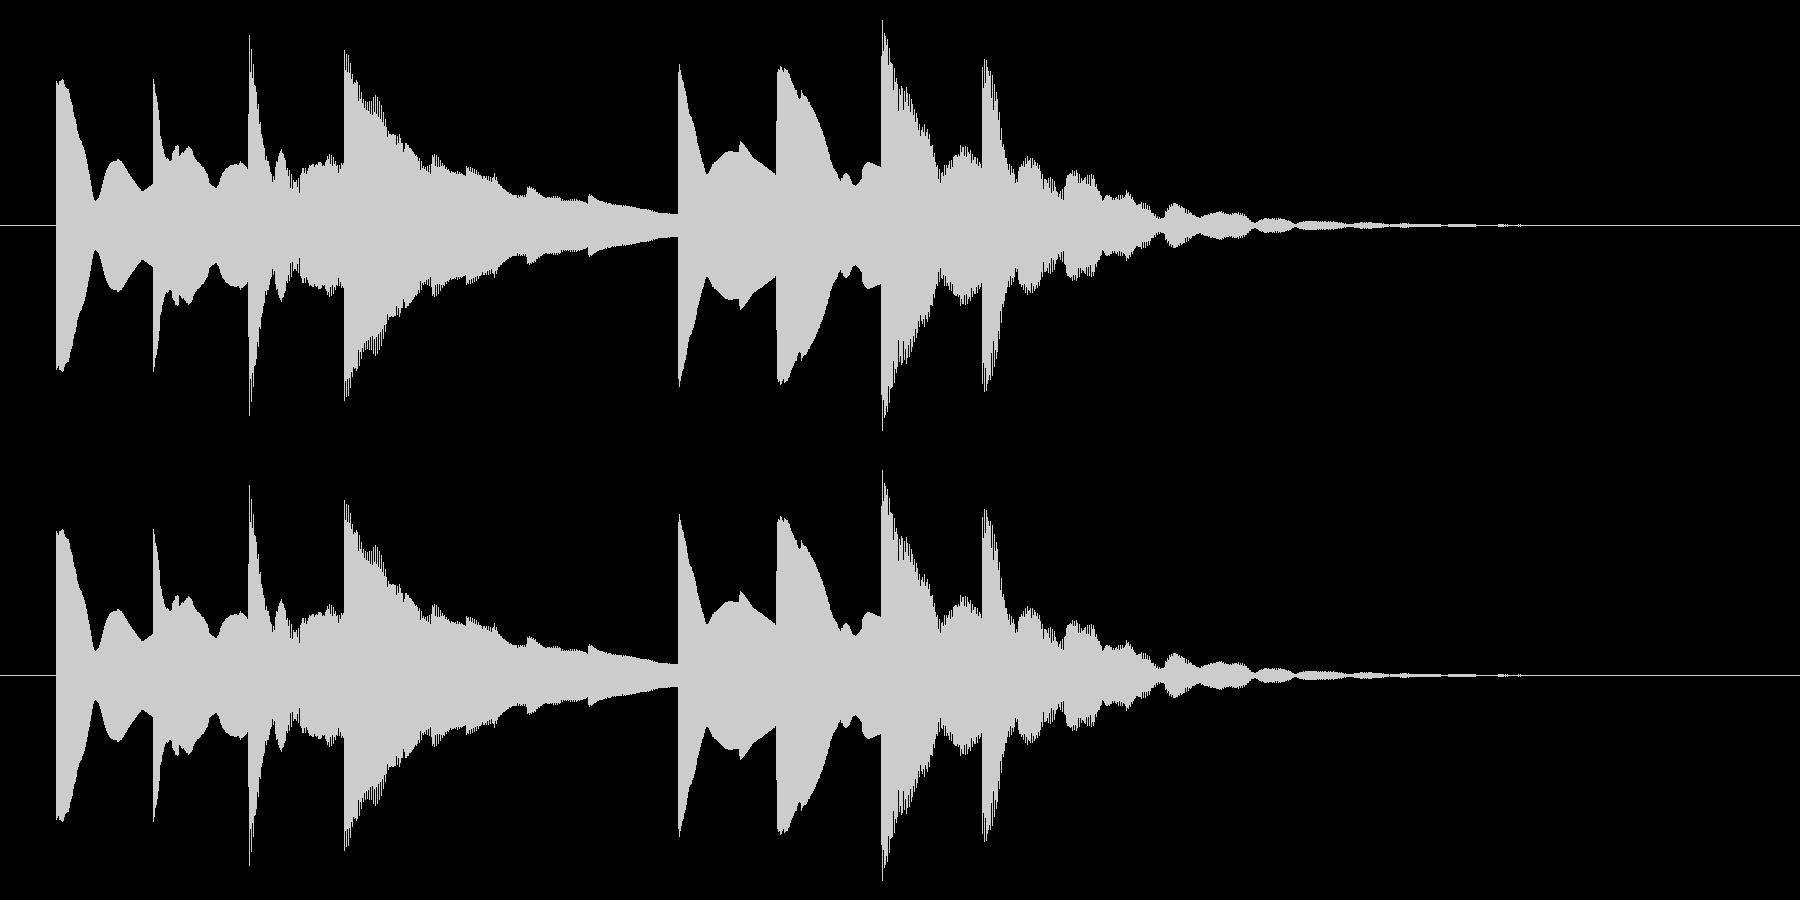 始業・終業 学校のチャイム(電子音)の未再生の波形